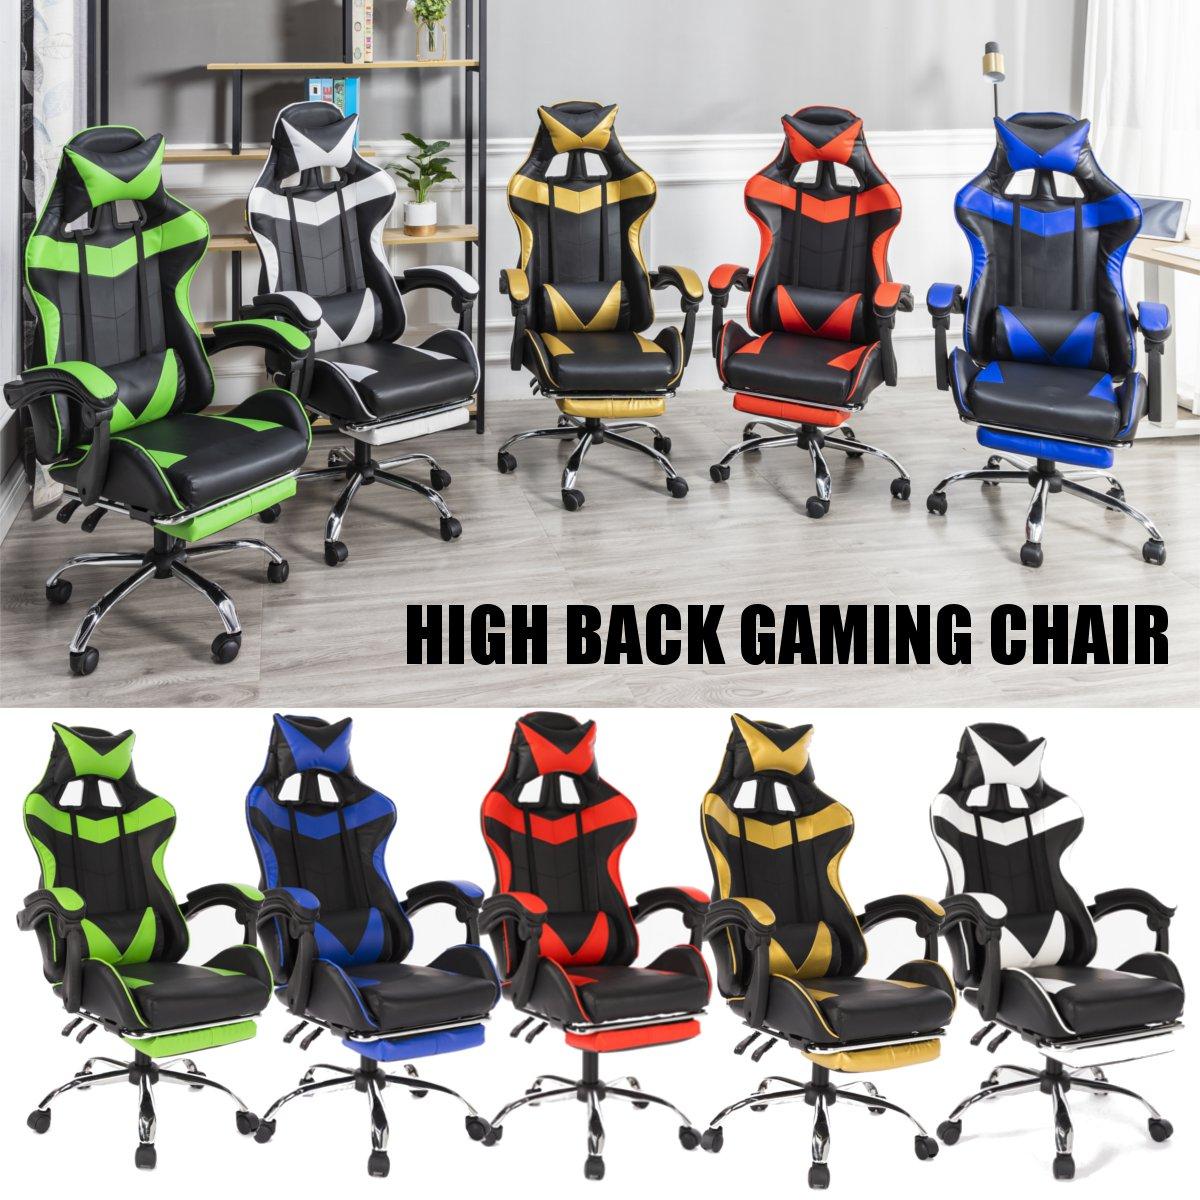 5-colori-dell'unitA-di-elaborazione-di-cuoio-da-corsa-di-gaming-sedia-da-ufficio-schienale-alto-ergonomica-poltrona-con-poggiapiedi-professionale-mobili-sedia-del-computer